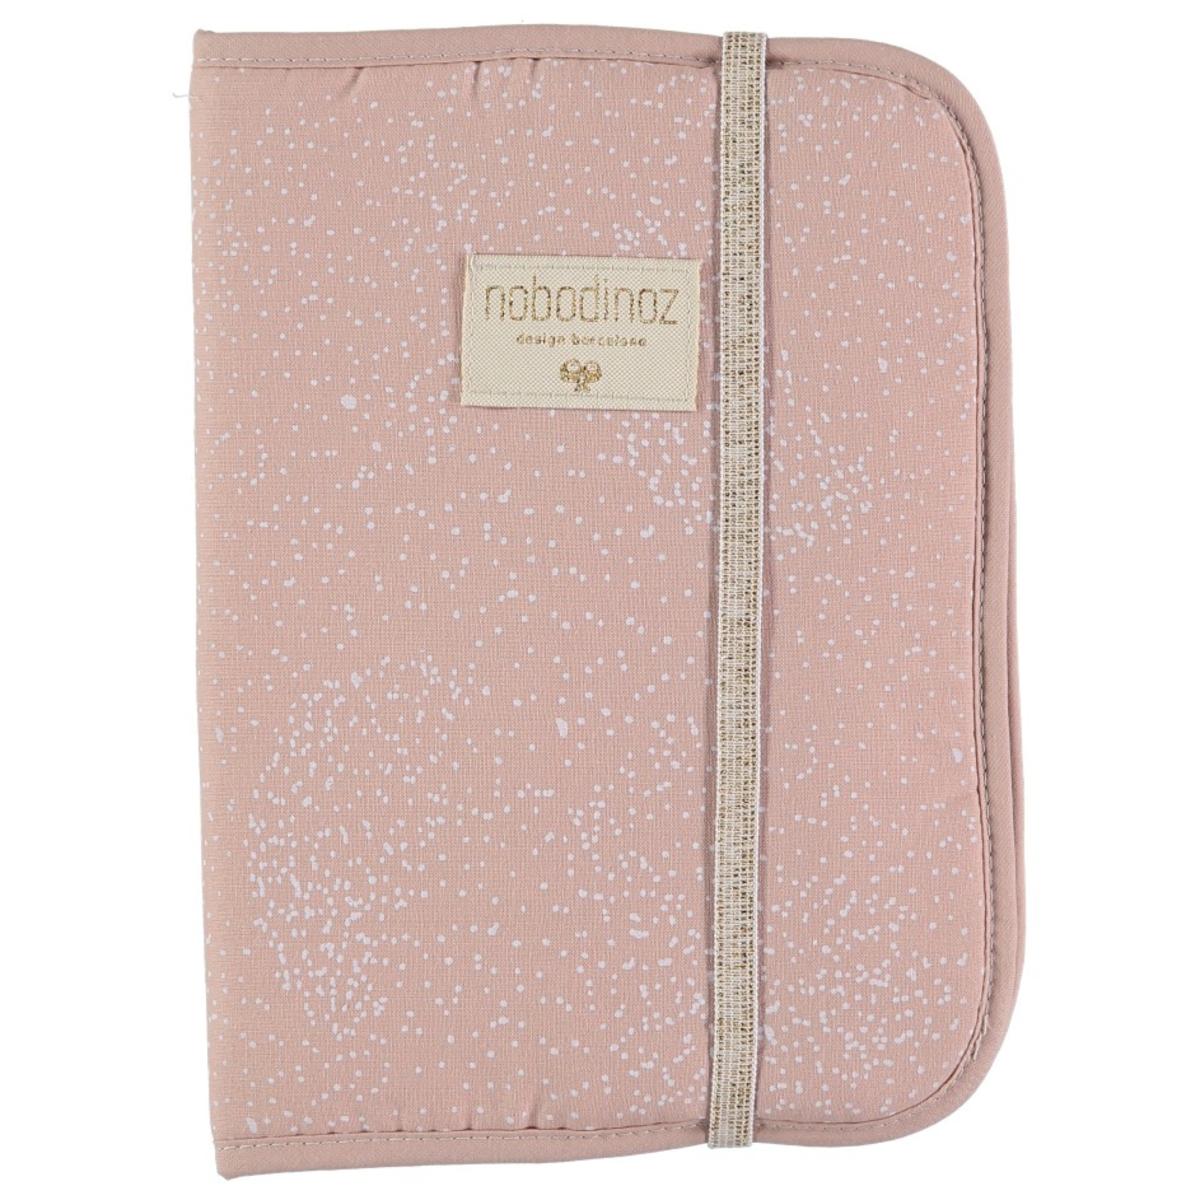 Protège-carnet santé Protège Carnet de Santé Poema - White Bubble & Misty Pink Protège Carnet de Santé Poema - White Bubble & Misty Pink